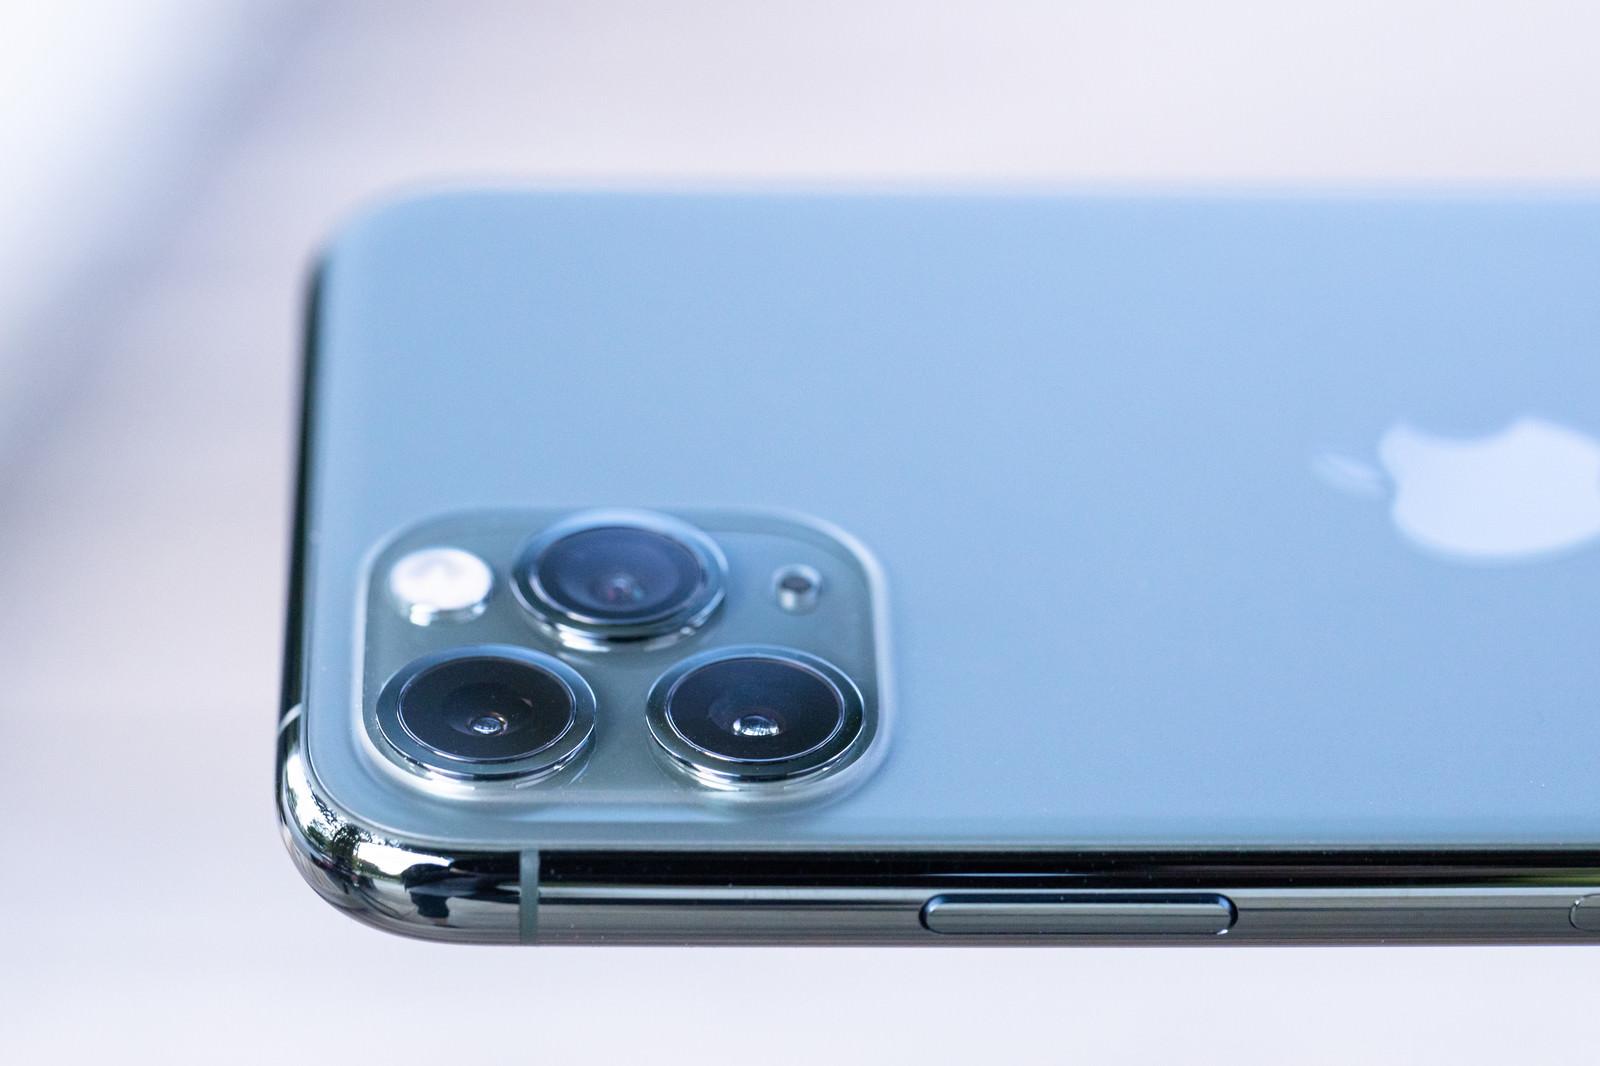 「トリプルカメラを側面から撮影(iPhone 11 Pro)」の写真